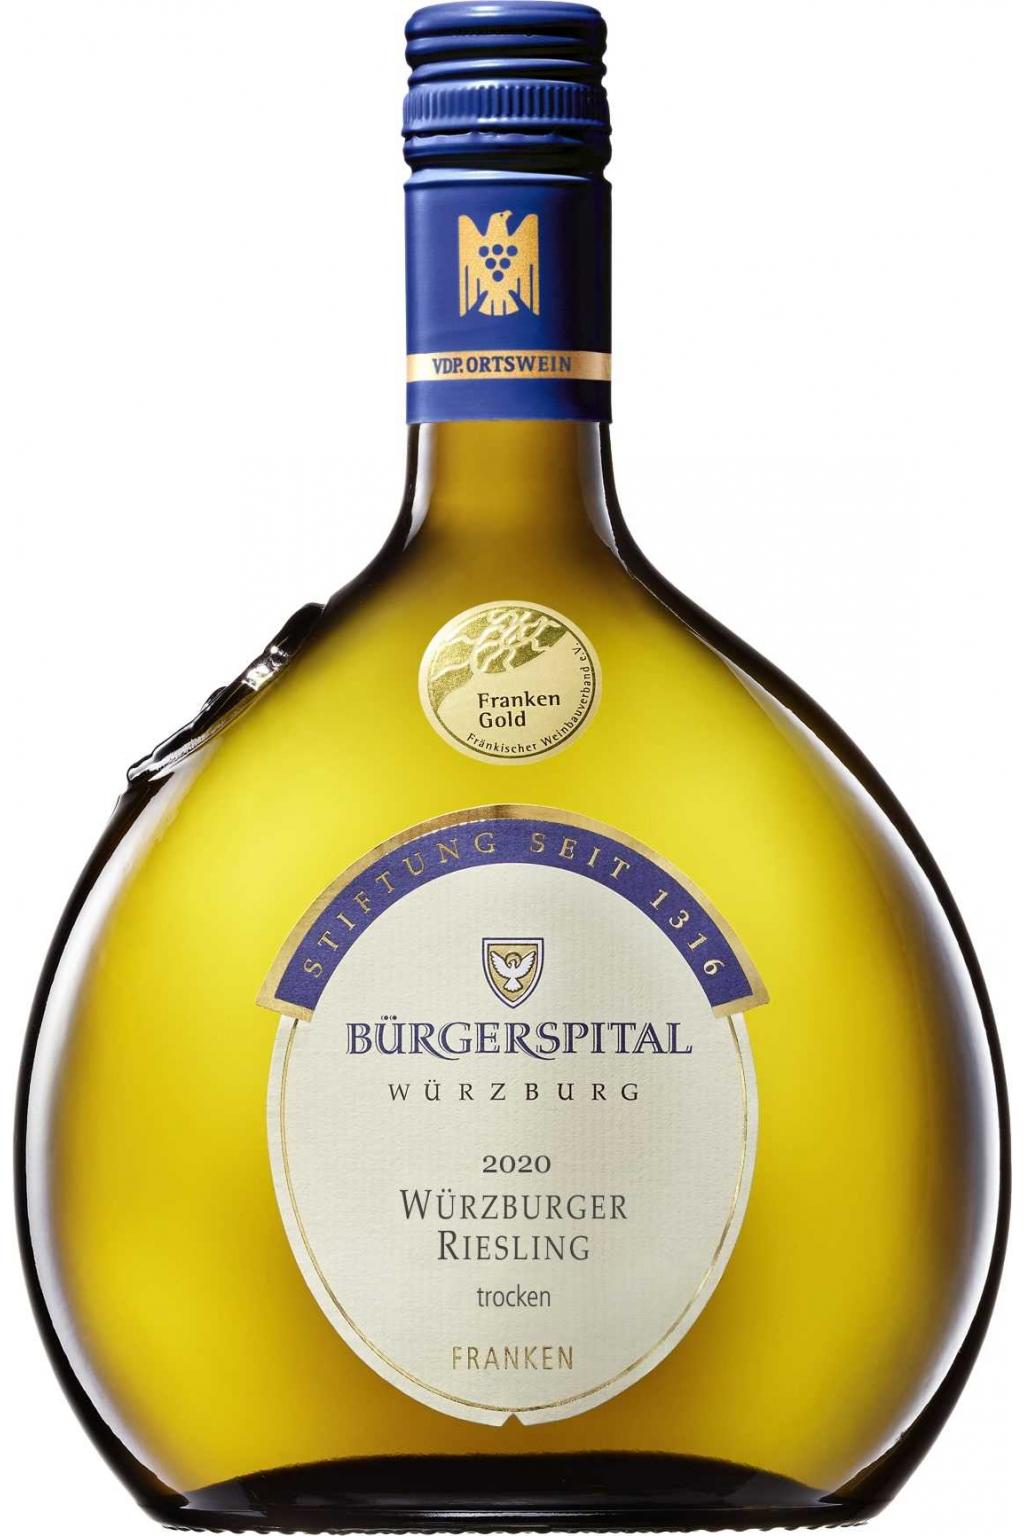 buergerspital wuerzburger riesling trocken